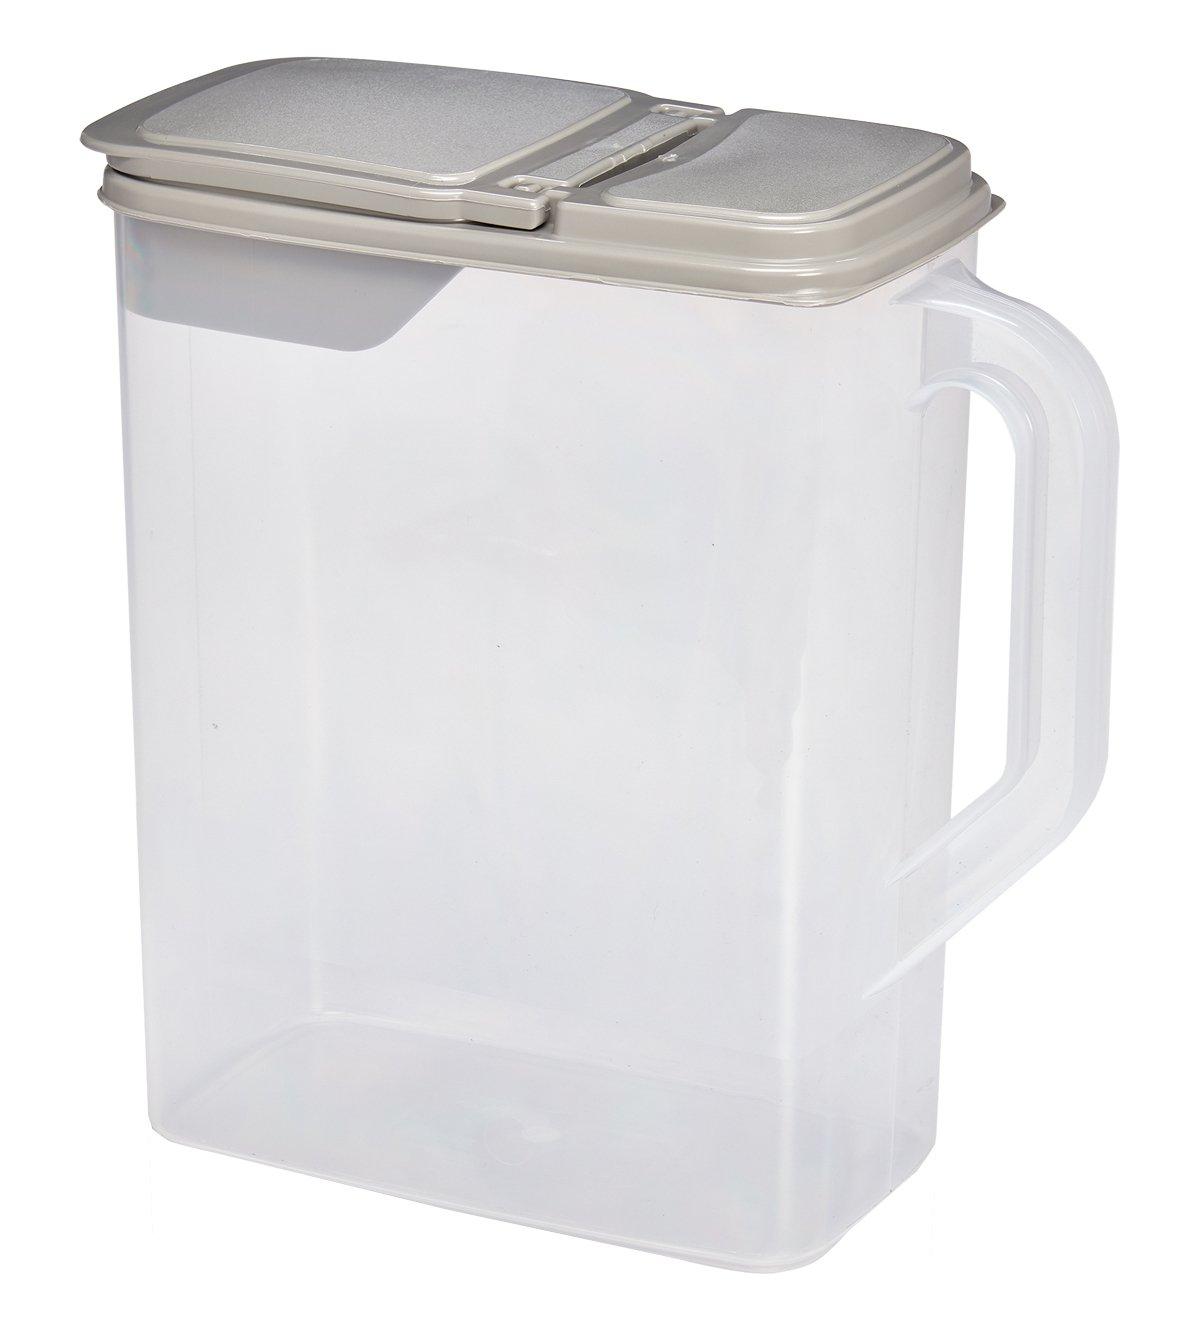 Buddeez 01206G 6 quart Gray Pet Food Dispenser Lid